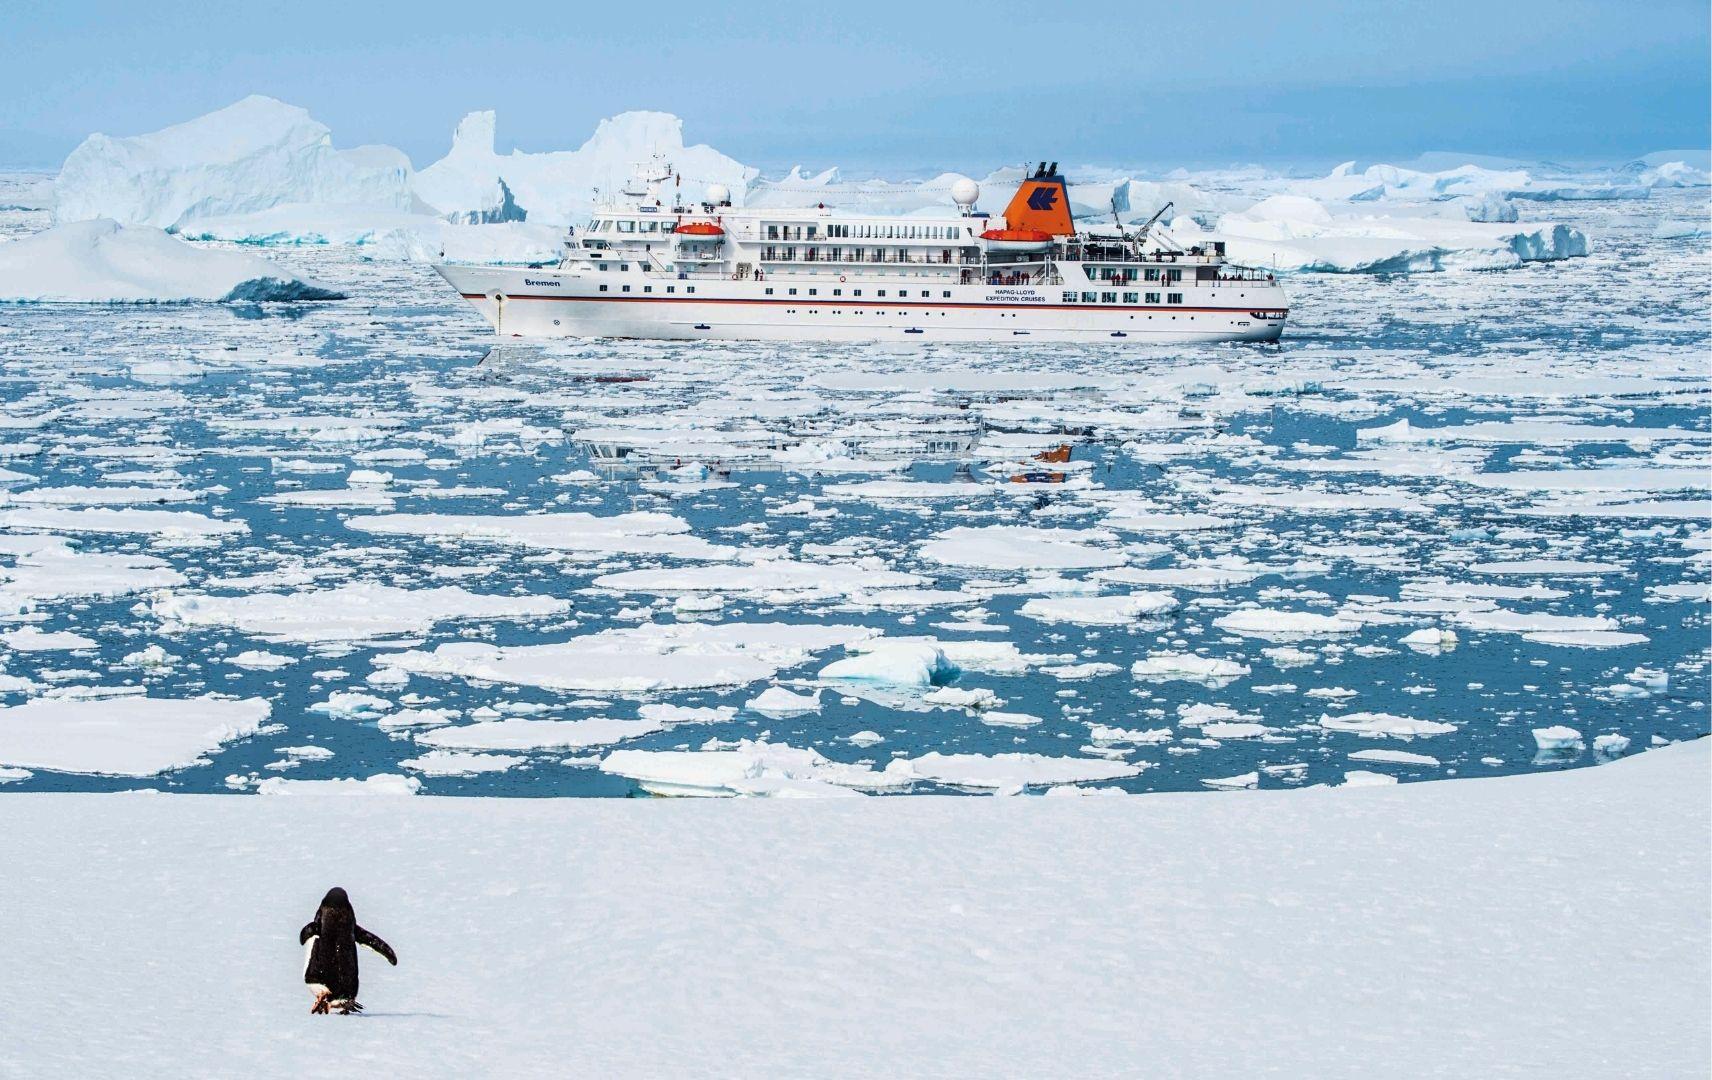 Schiff auf dem Meer Eisbrocken Pinguin